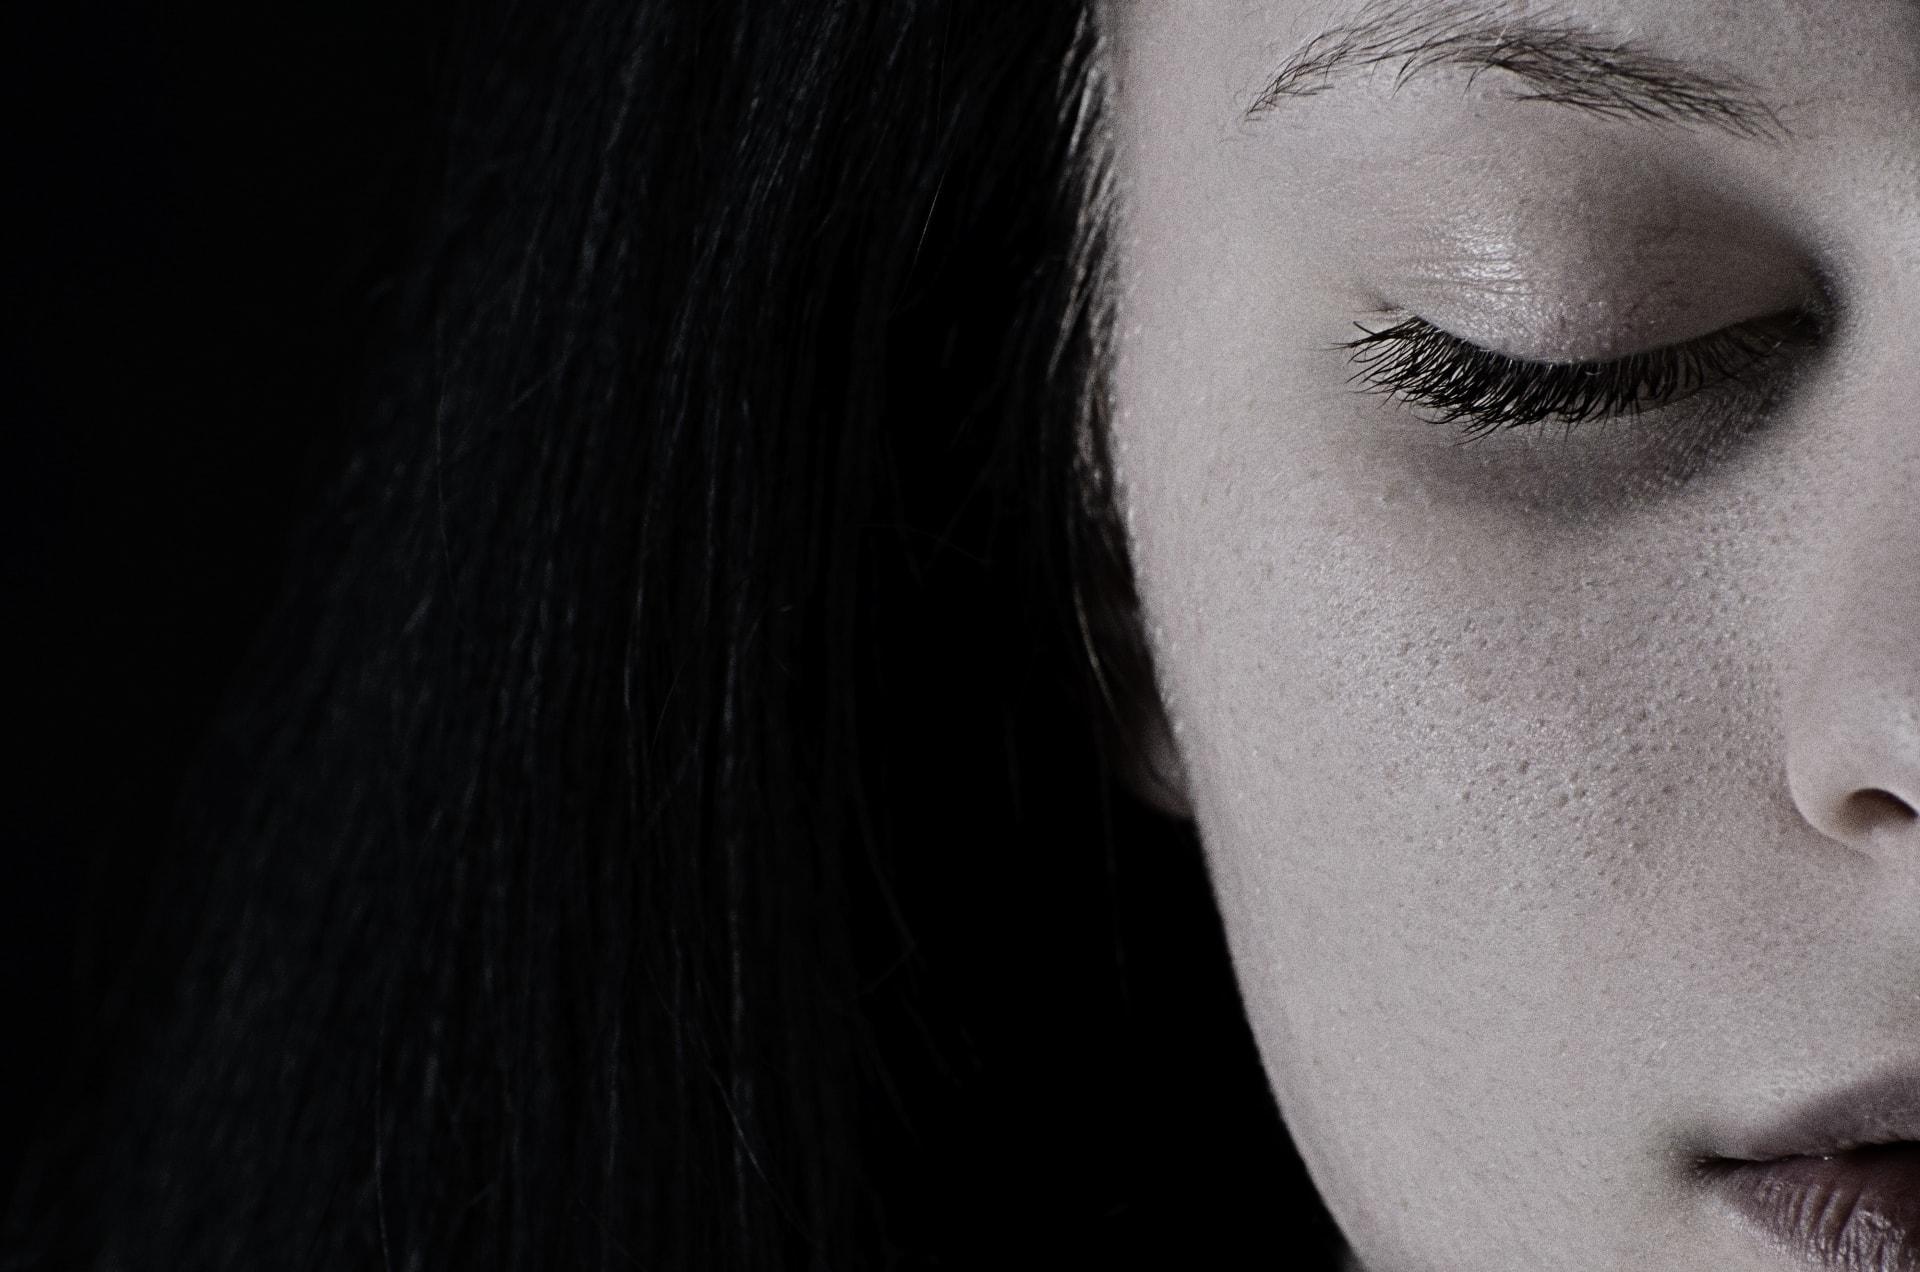 Депрессия и антидепрессанты связаны с повышенным риском тромбоэмболии